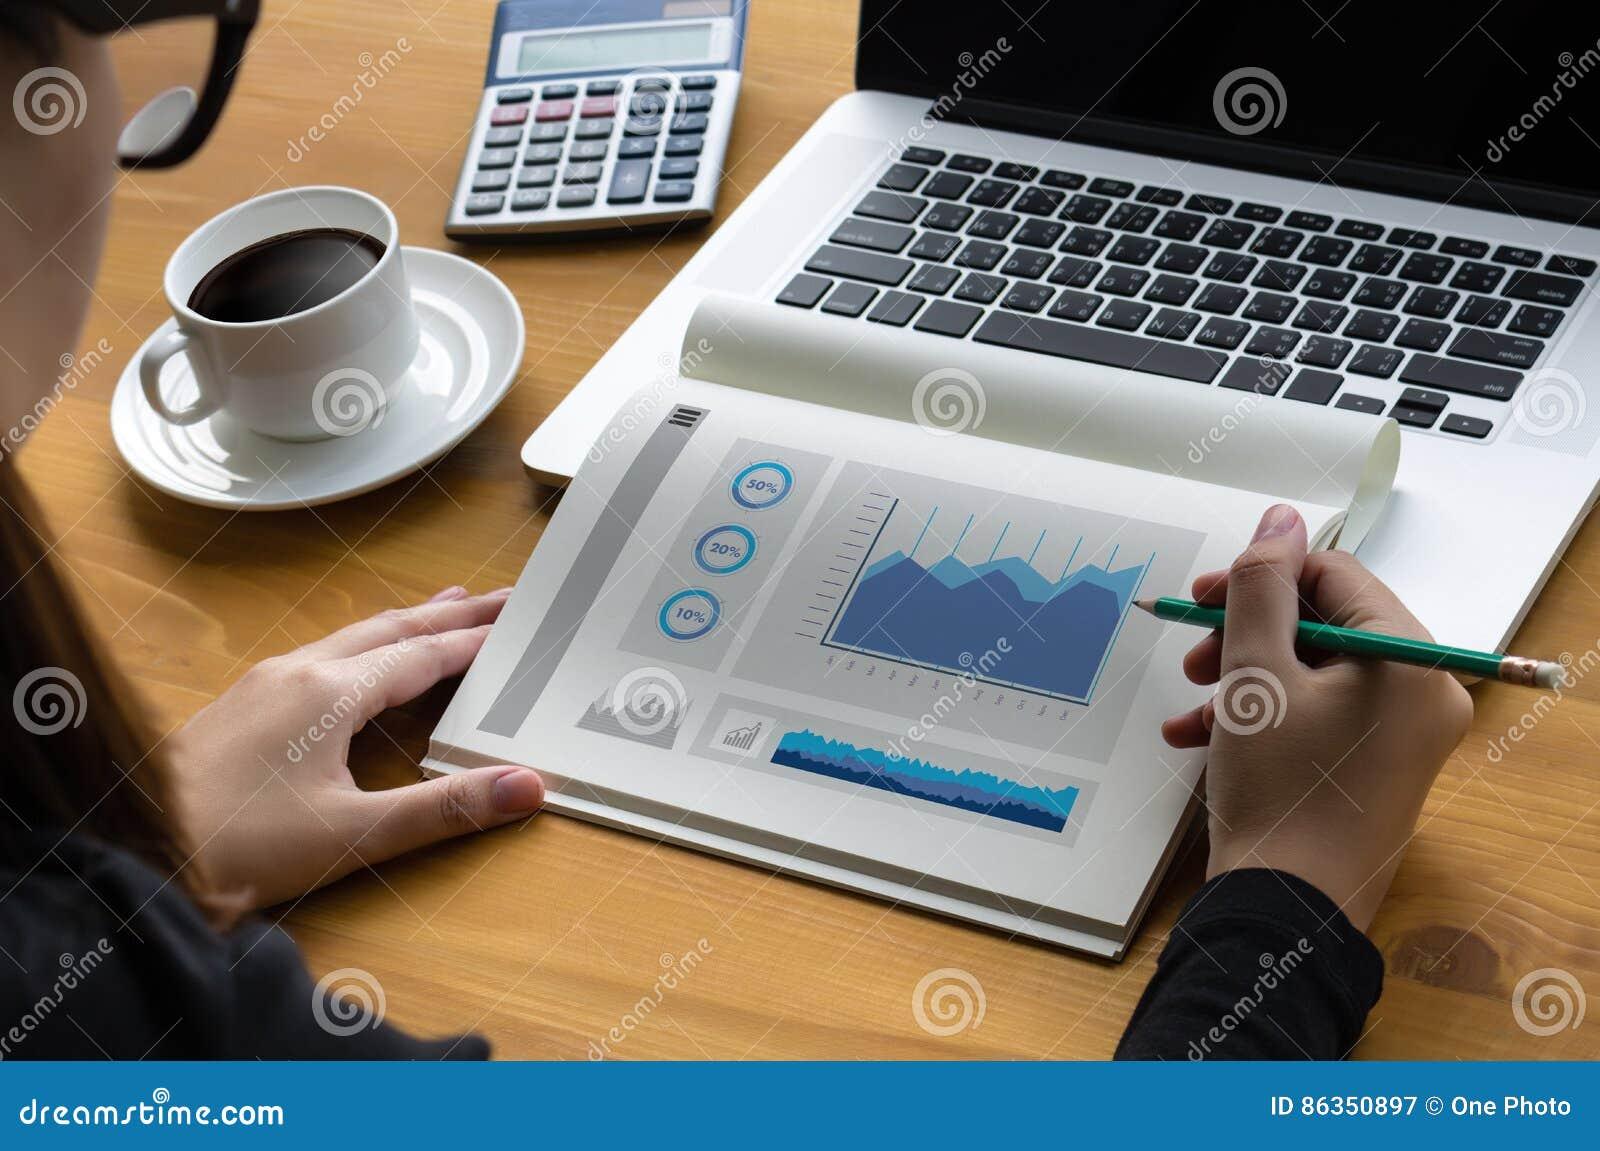 Акции кофе на форекс видео торговли на форексе по графическим фигурам